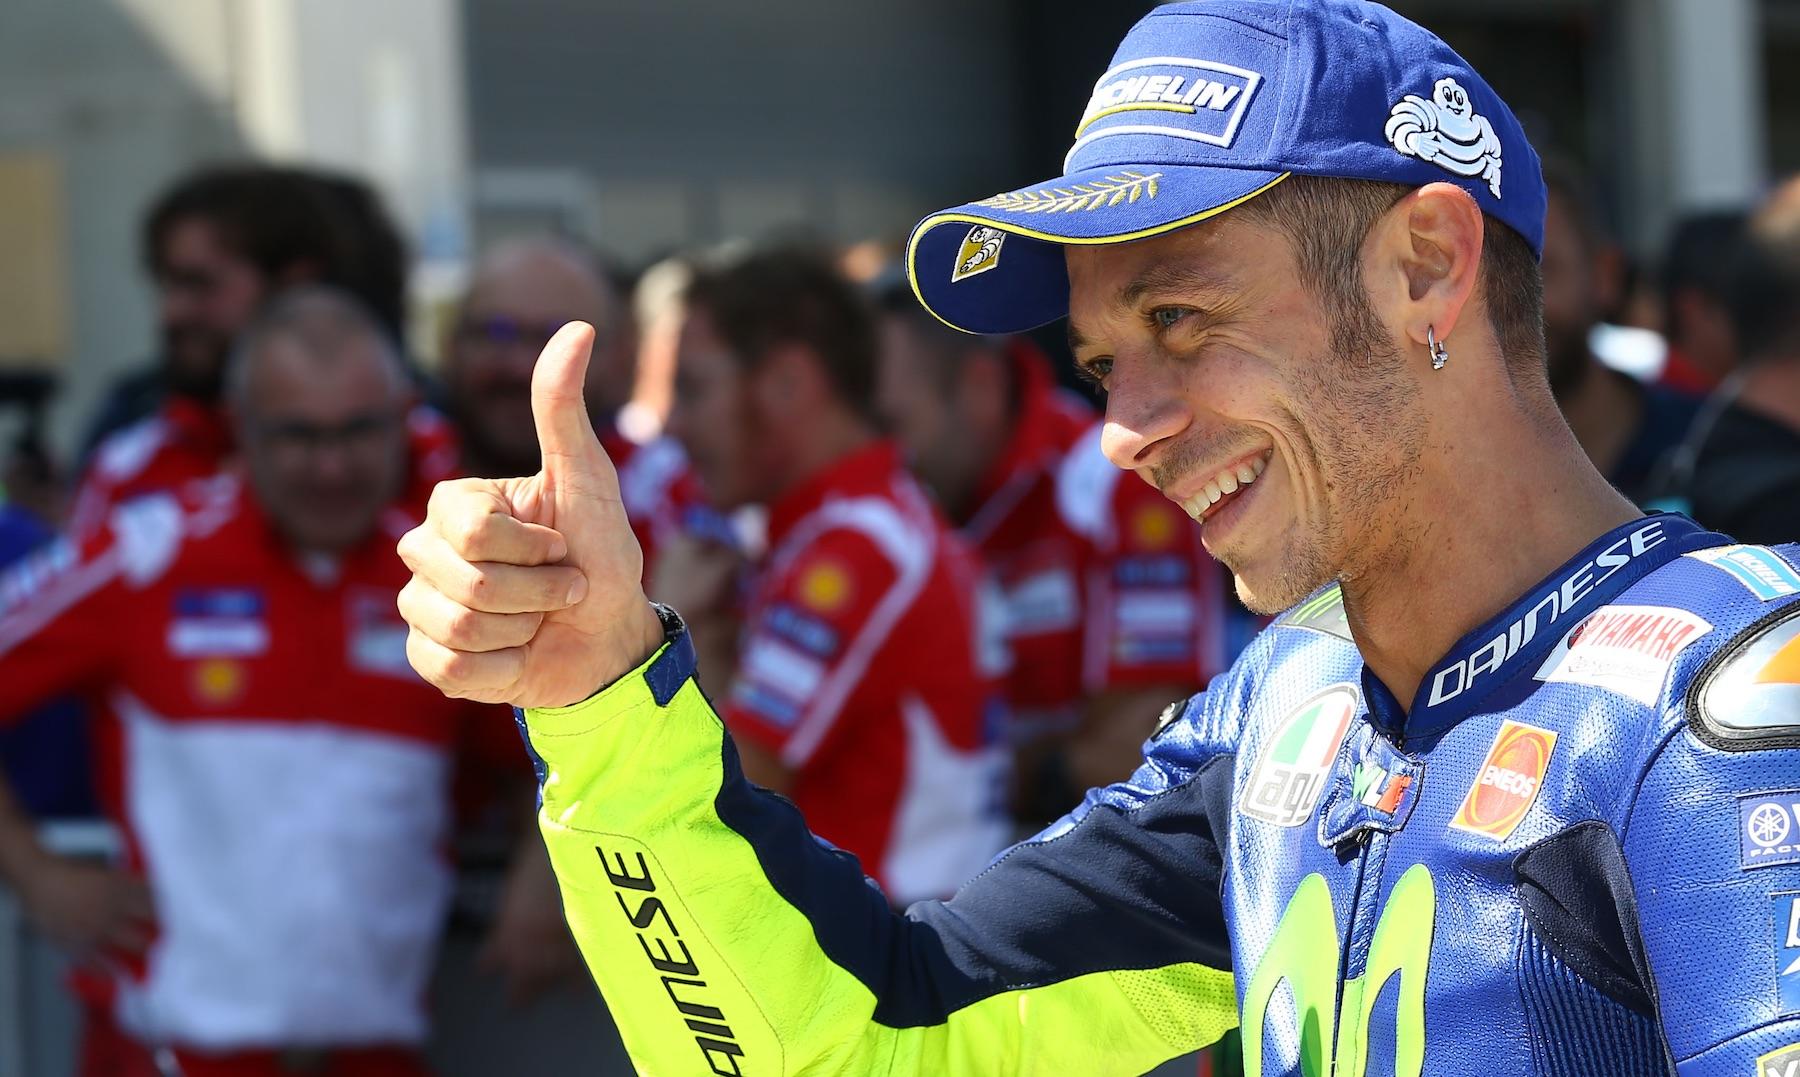 """Valentino Rossi: """"Antes me hubiera valido puntuar, ahora podemos pensar en algo más"""""""